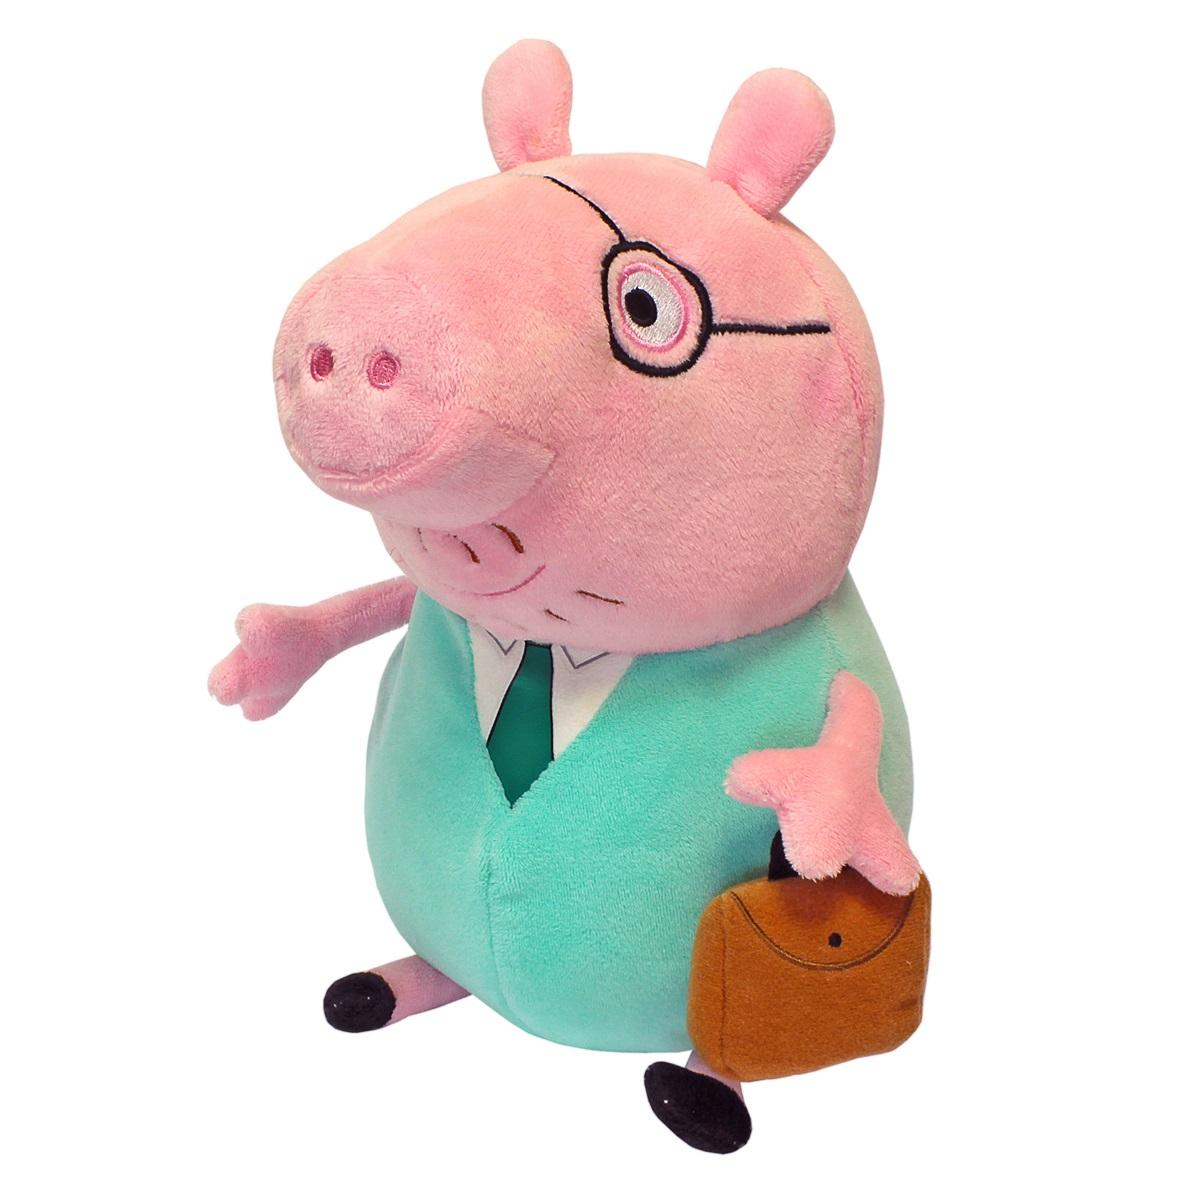 Мягкая игрушка Peppa Pig: Папа Свин с кейсом (30 см)Забавная мягкая игрушка в виде Папы Свина с галстуком и кейсом из мультфильма Свинка Пеппа – это замечательный подарок малышу к любому празднику.<br>